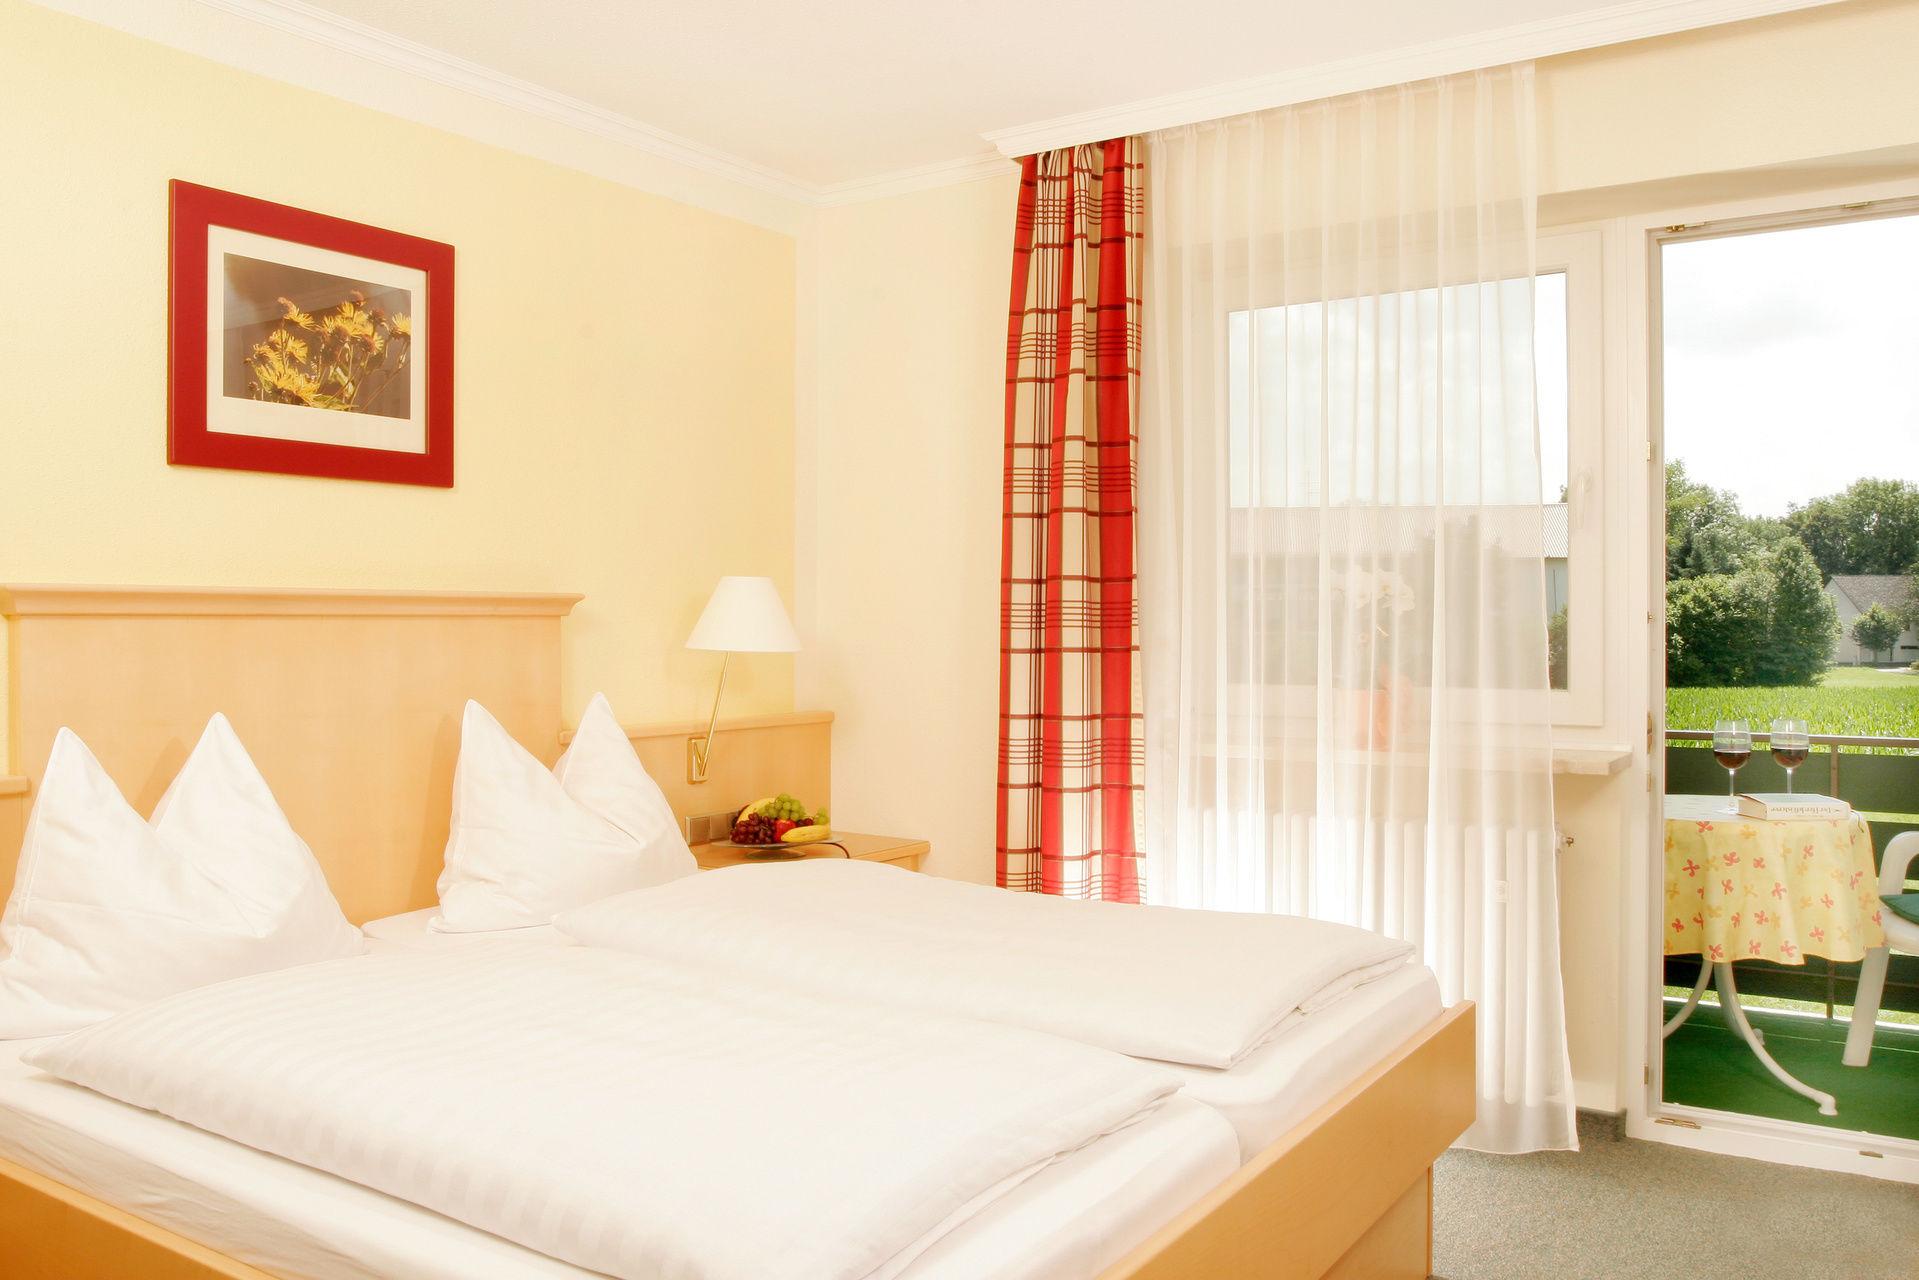 Kleiner Zimmer Kühlschrank : Hotel kleiner könig schwangau zweibett zimmer